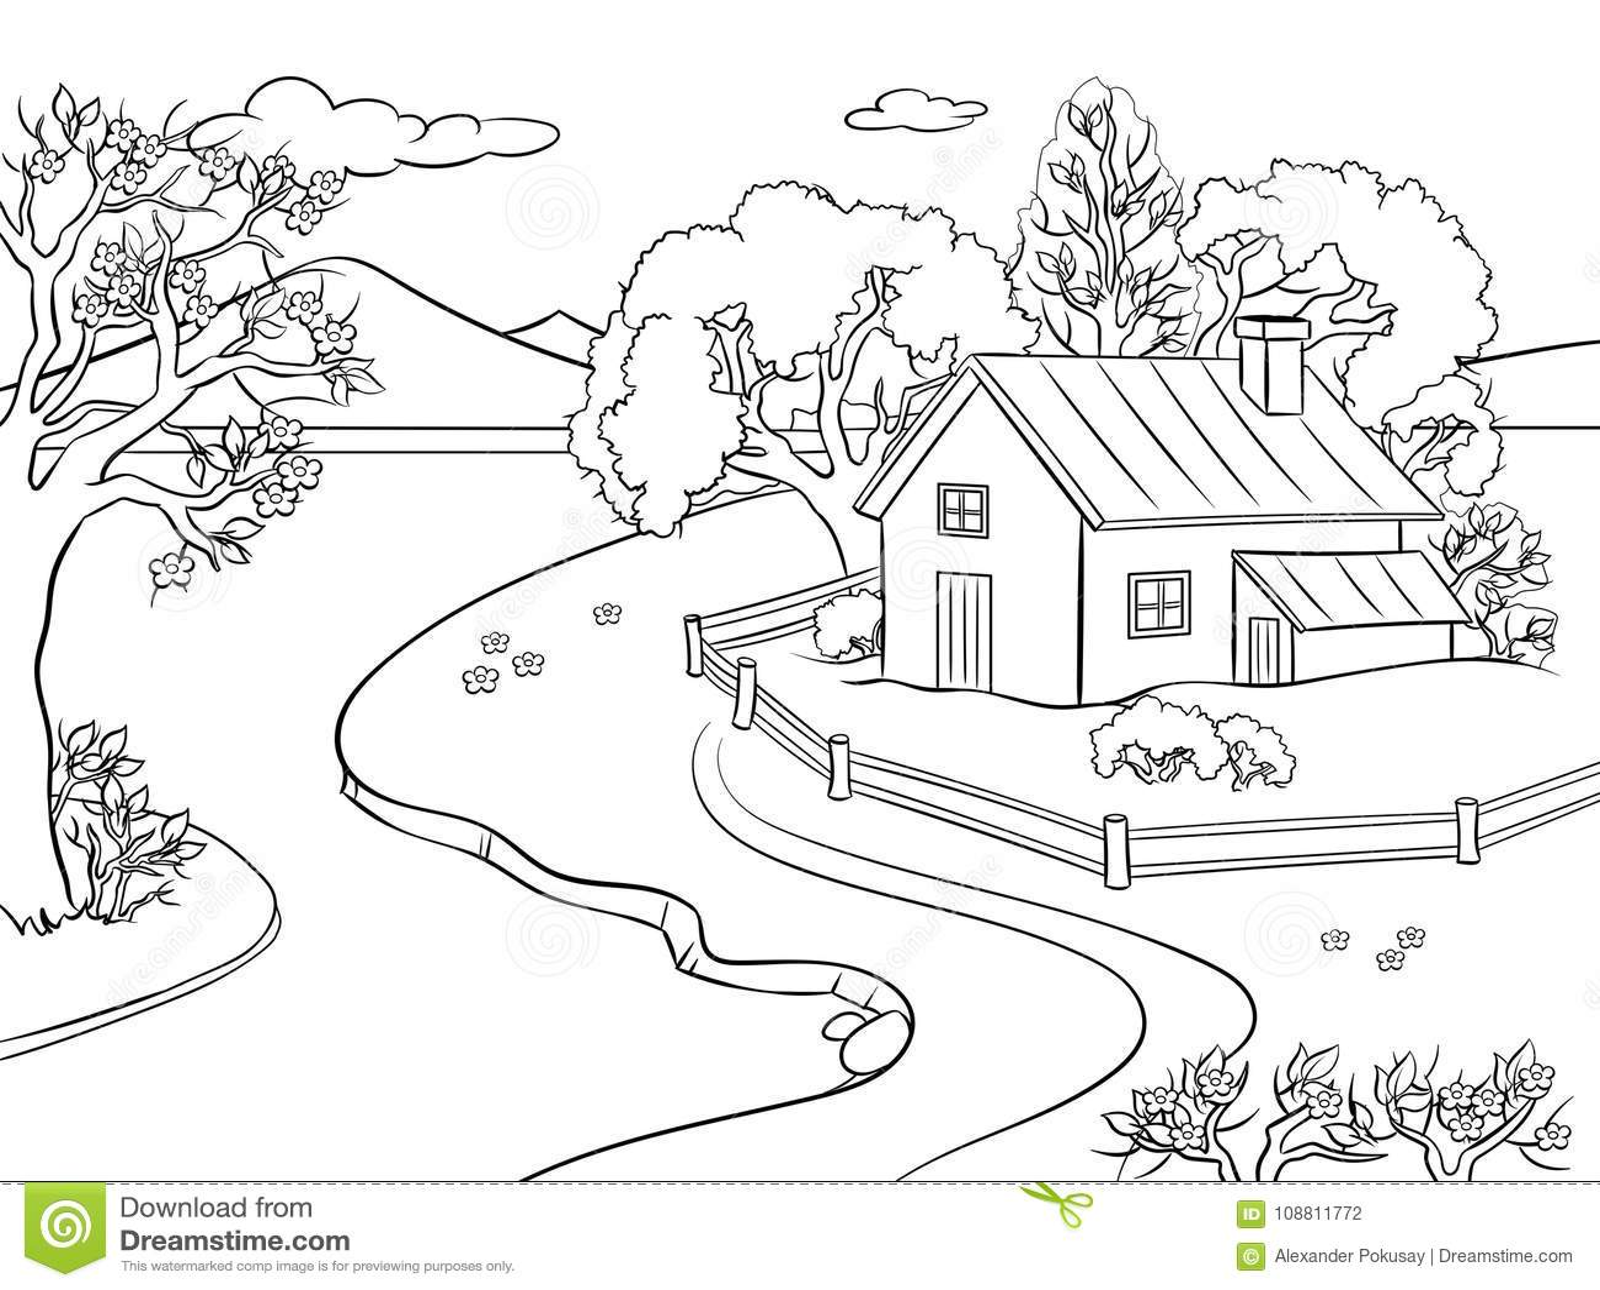 Vecteur De Livre De Coloriage De Paysage De Ressort Illustration De Vecteur Illustration Du Paysage Vecteur 108811772